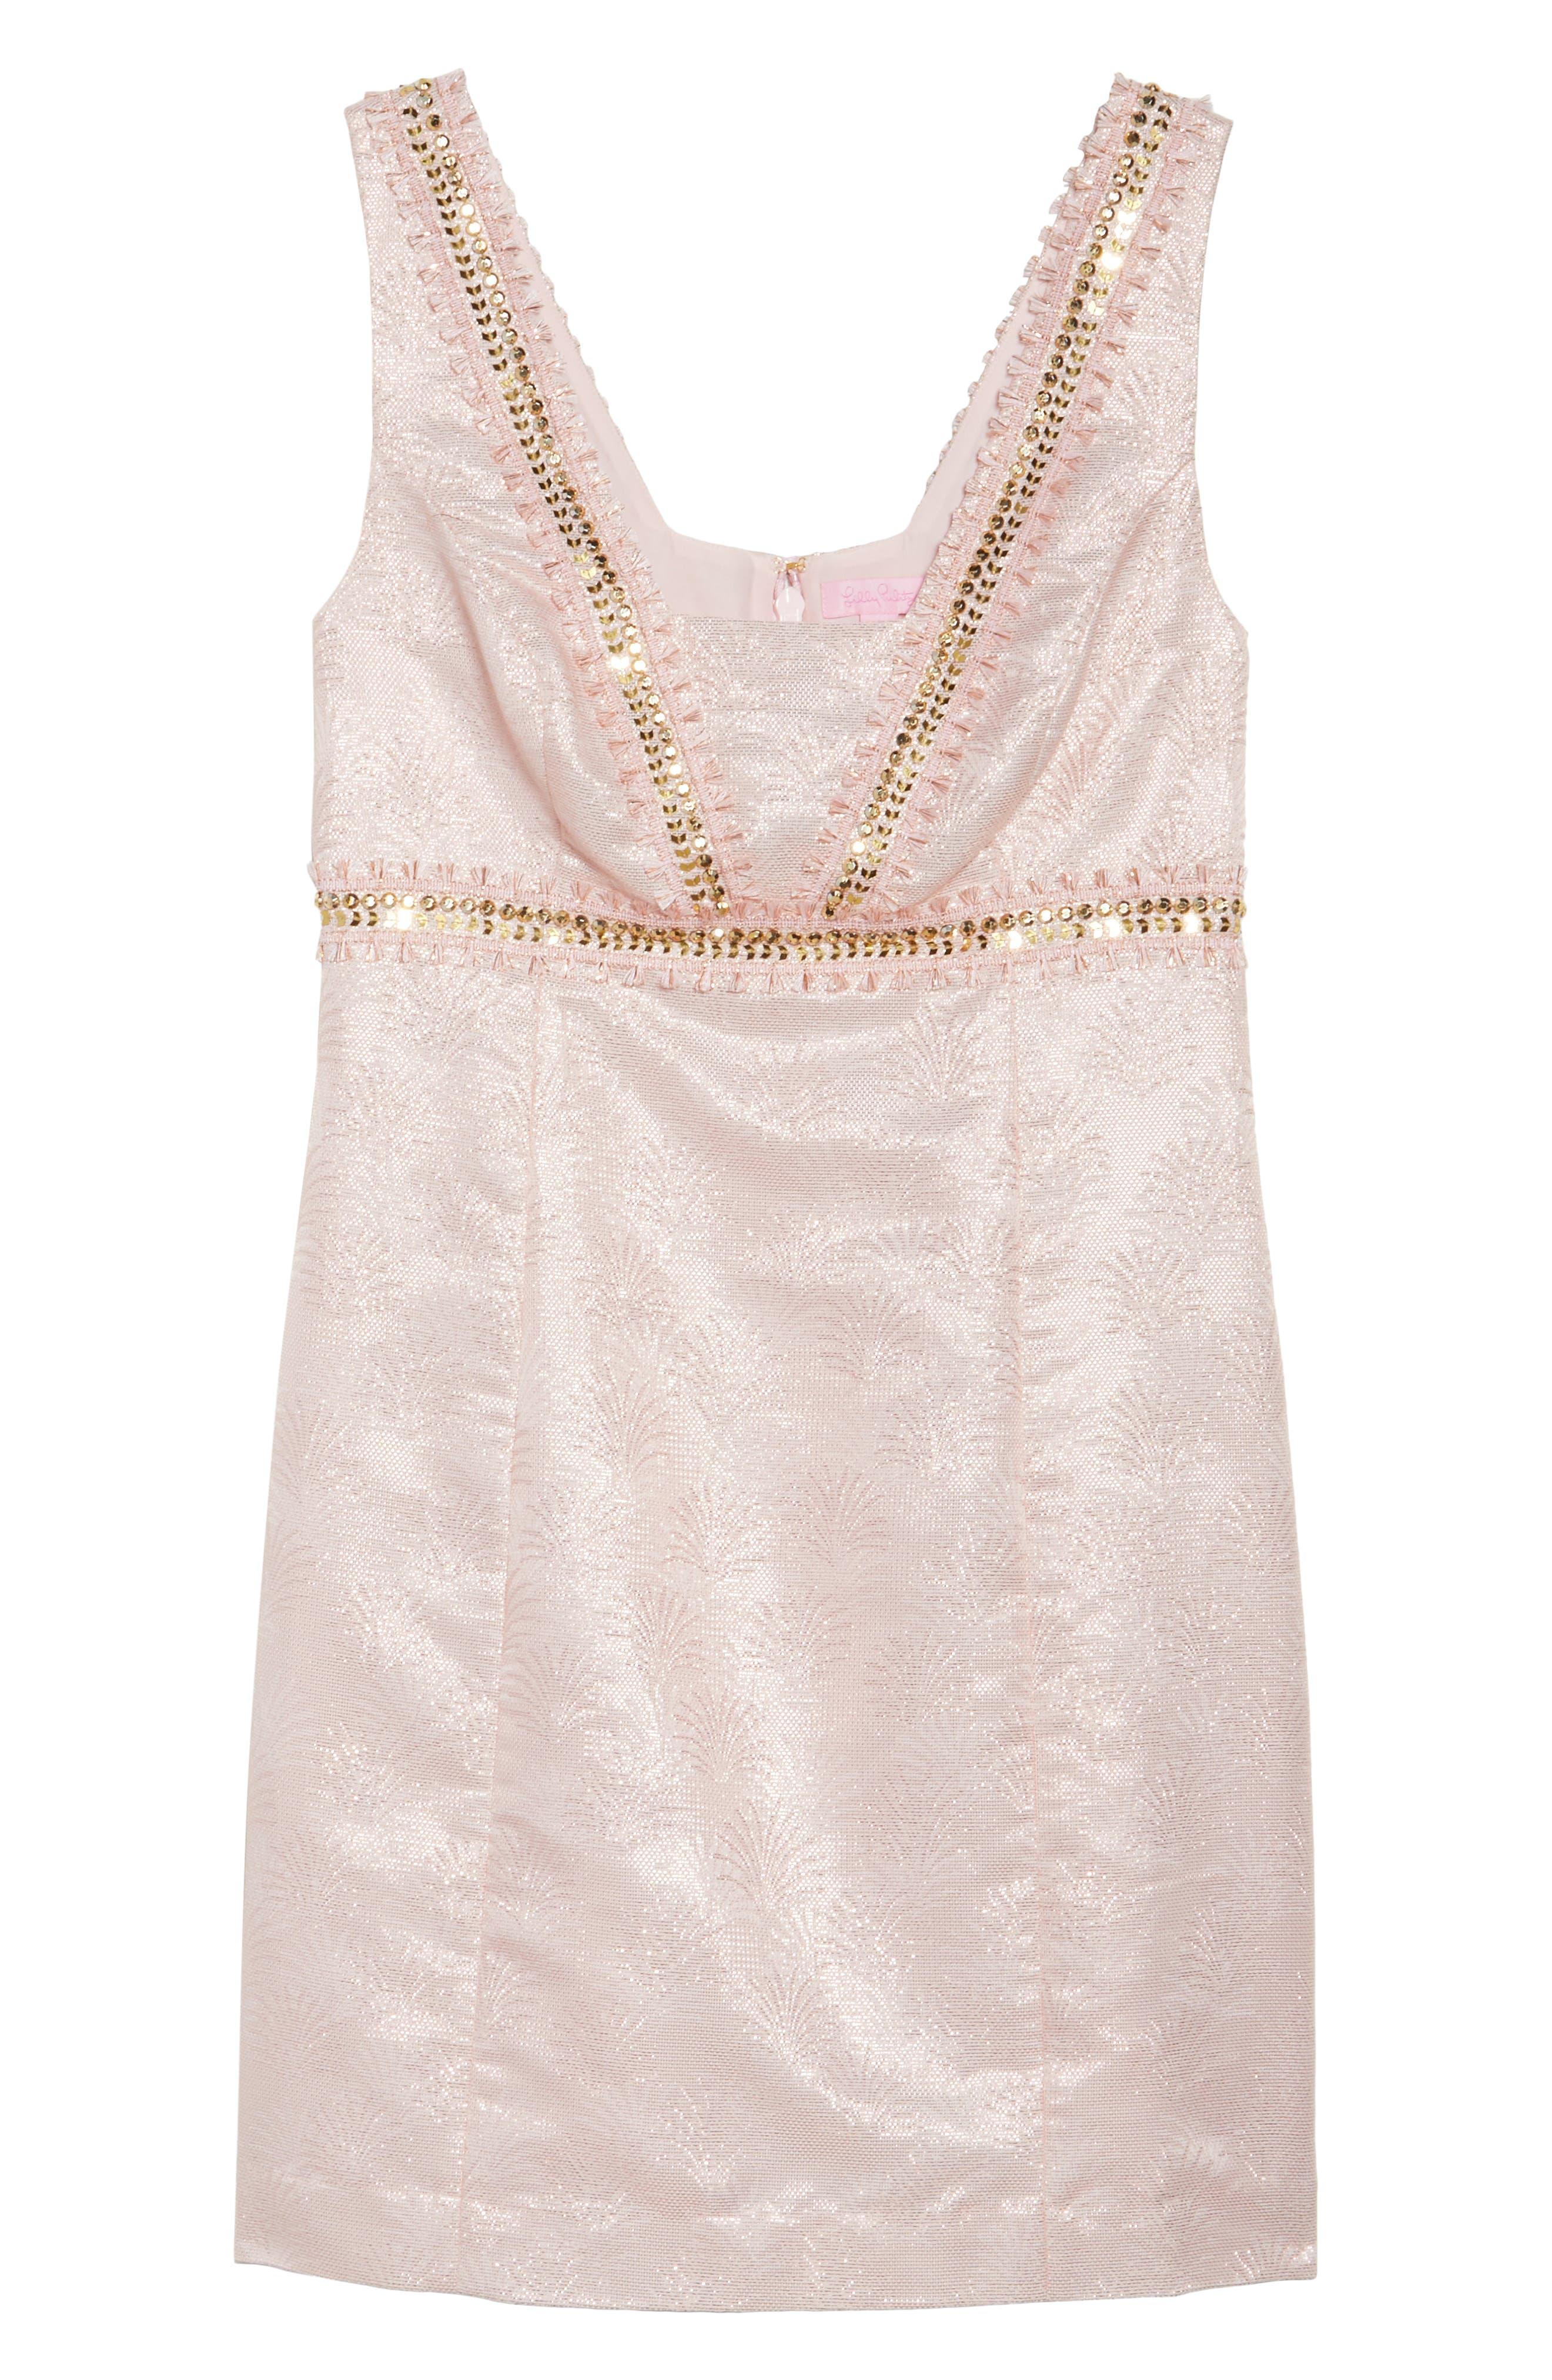 Karter Embellished Sheath Dress,                             Alternate thumbnail 6, color,                             650